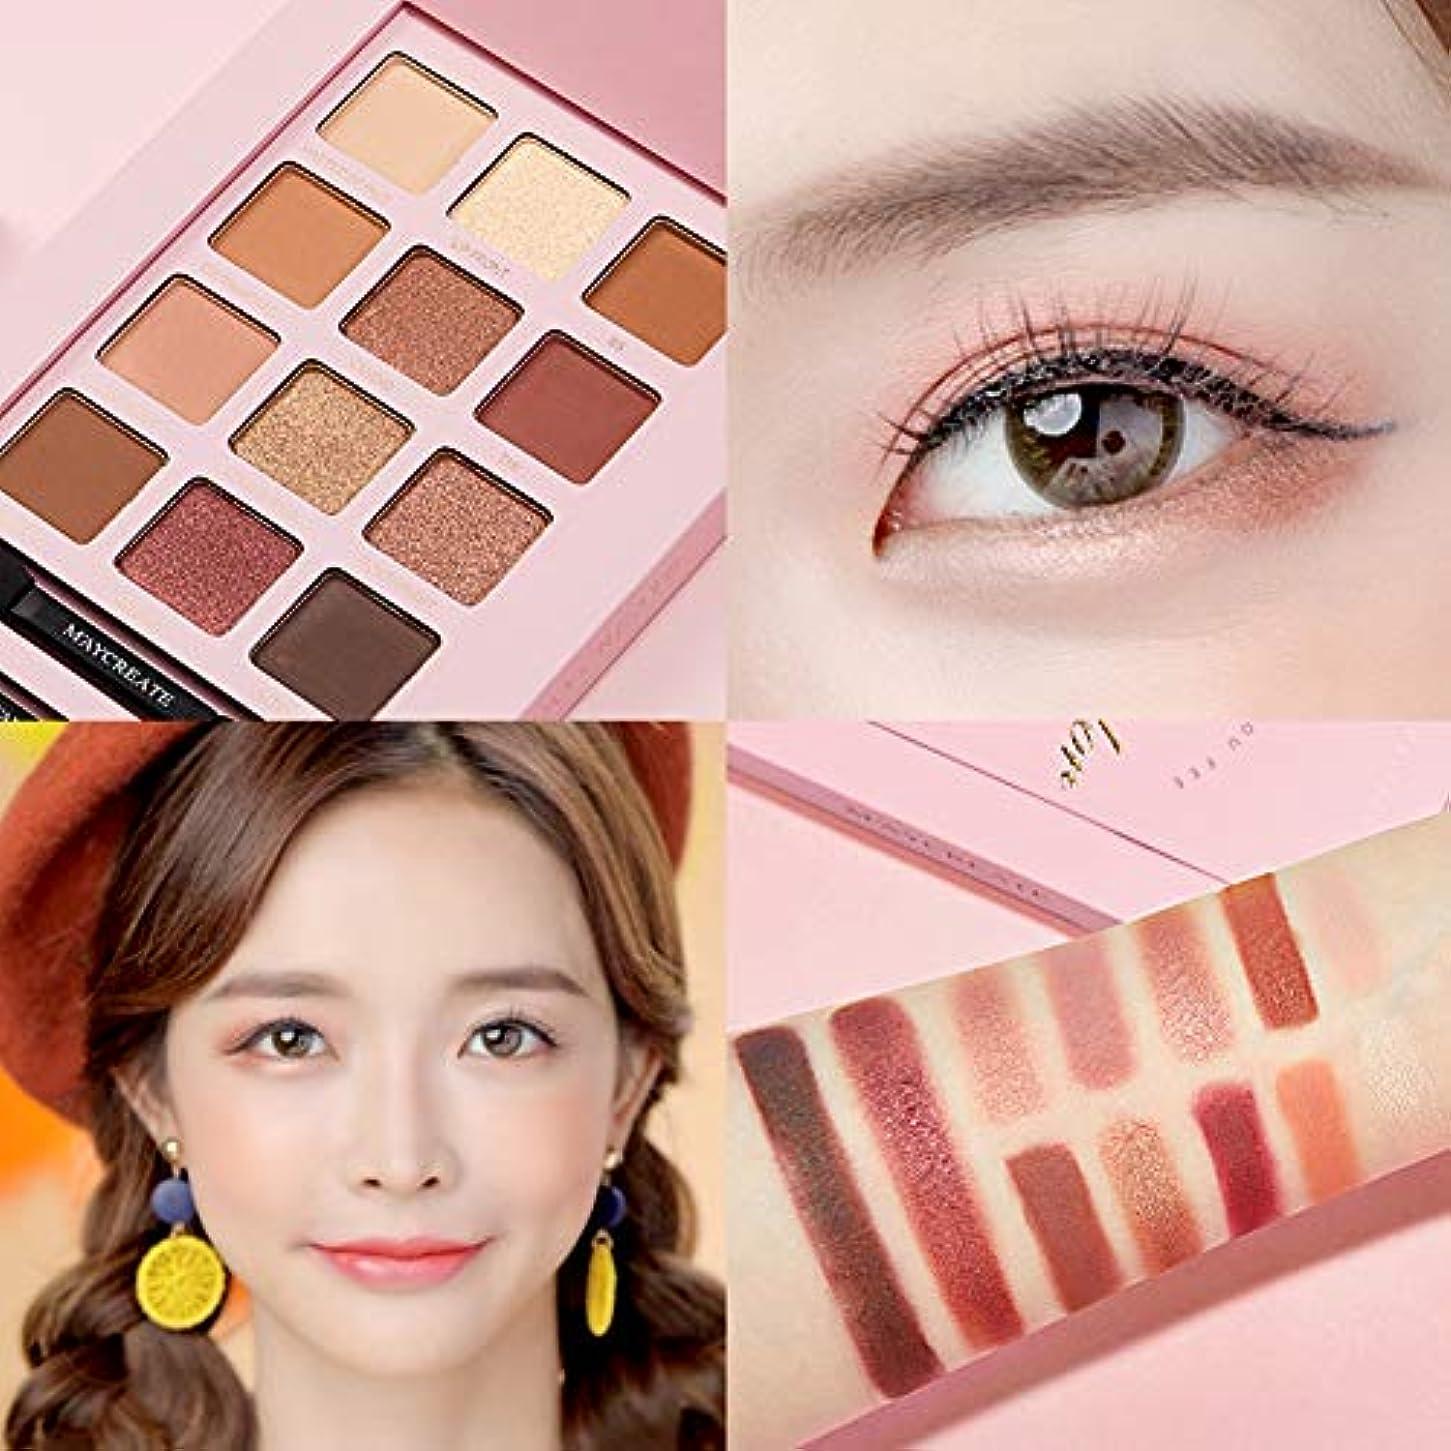 ミリメートル遮るブランチDkhsyアイシャドーマットアイシャドープレート美容女性の目の化粧品ラスティングキラキラアイシャドウ化粧品ツール 12色